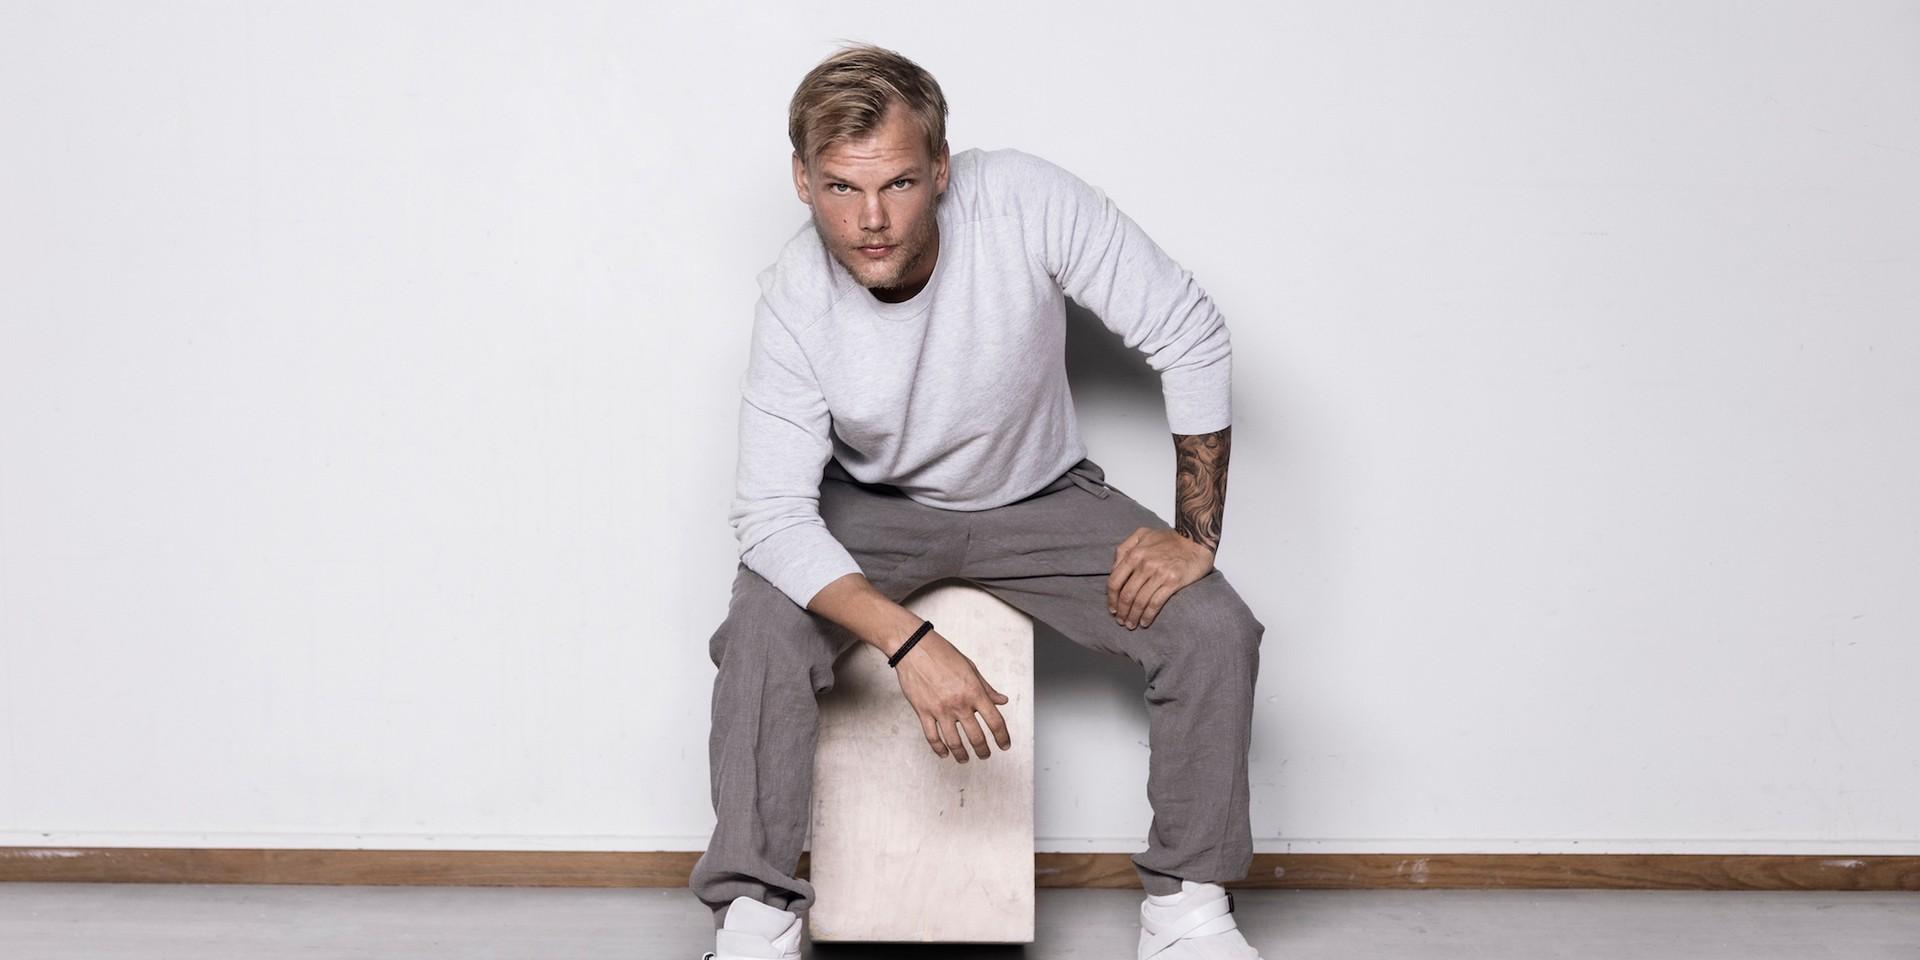 Avicii's posthumous album, TIM, has been released – listen